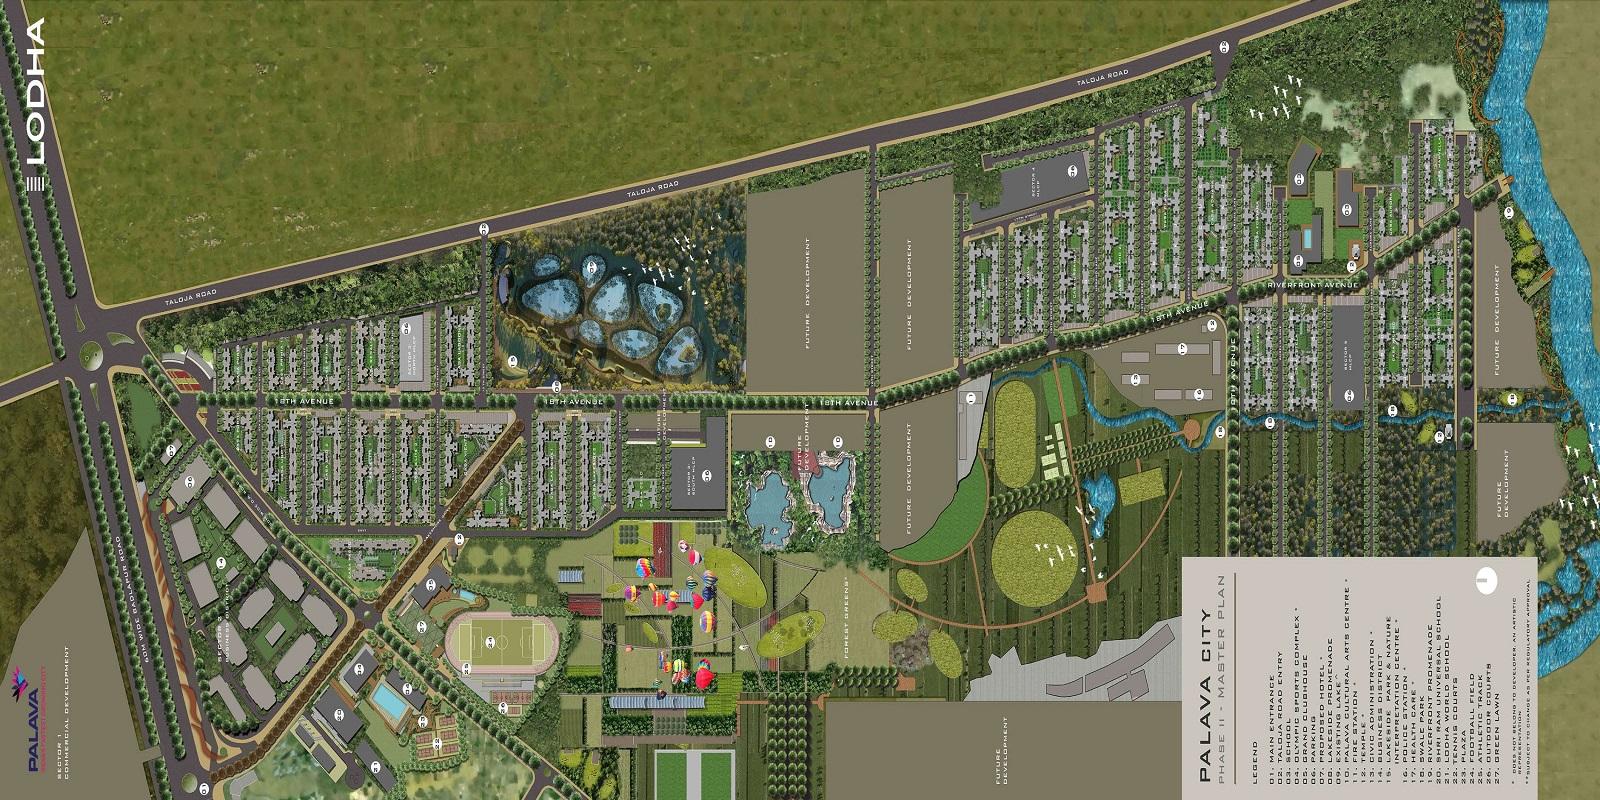 lodha palava riverside master plan image6